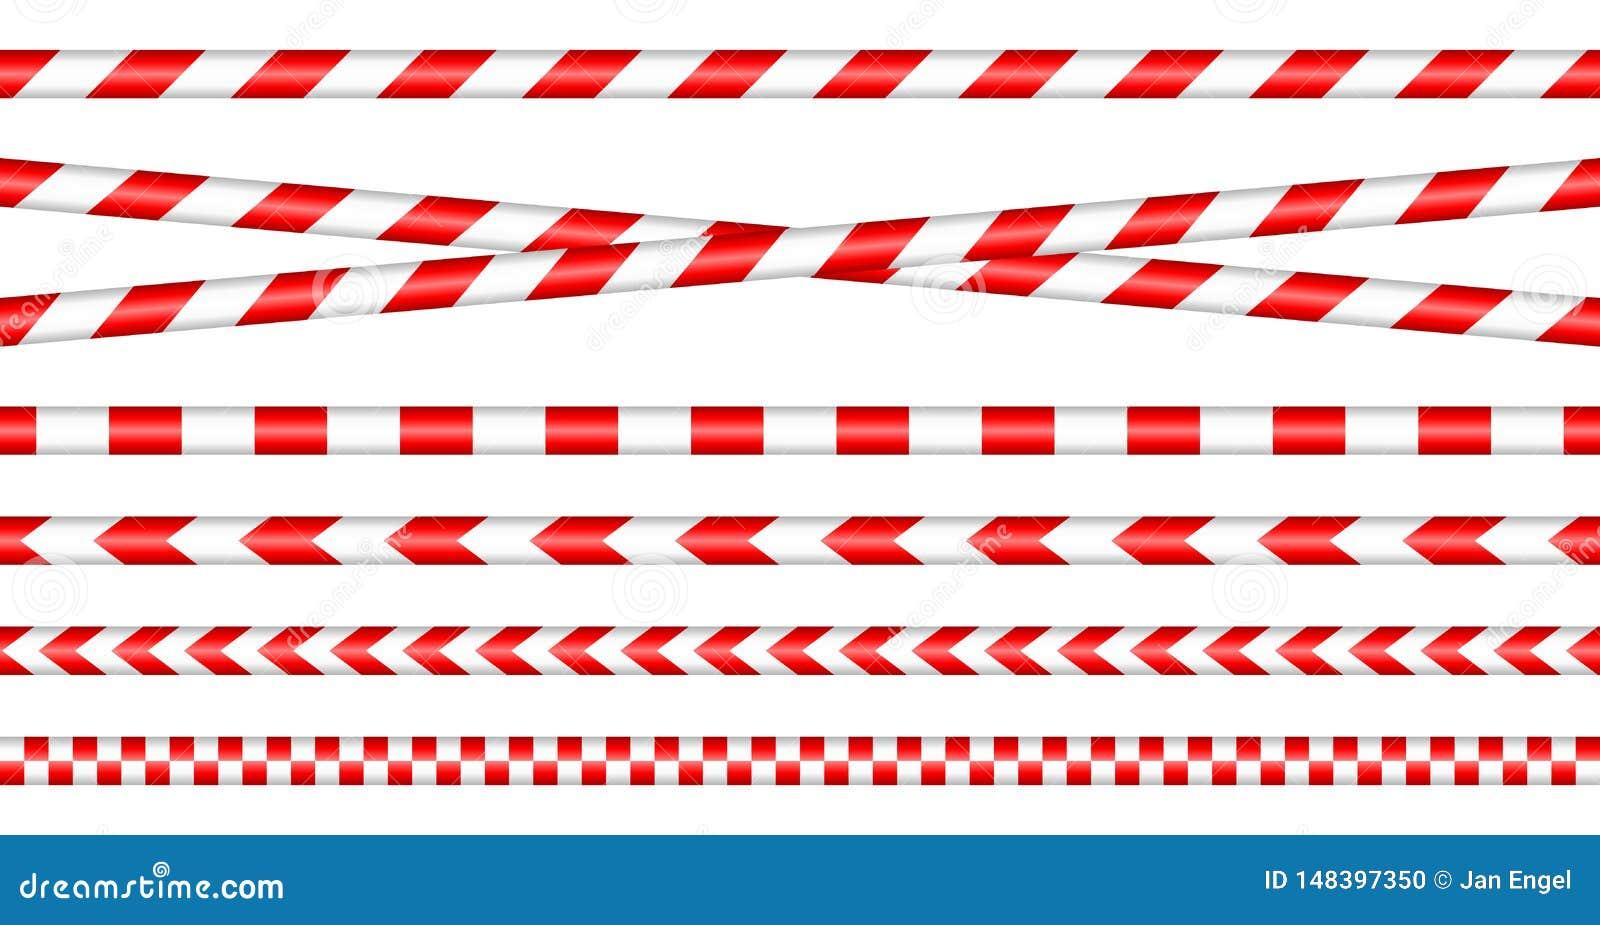 Установите лент барьера красный/белый